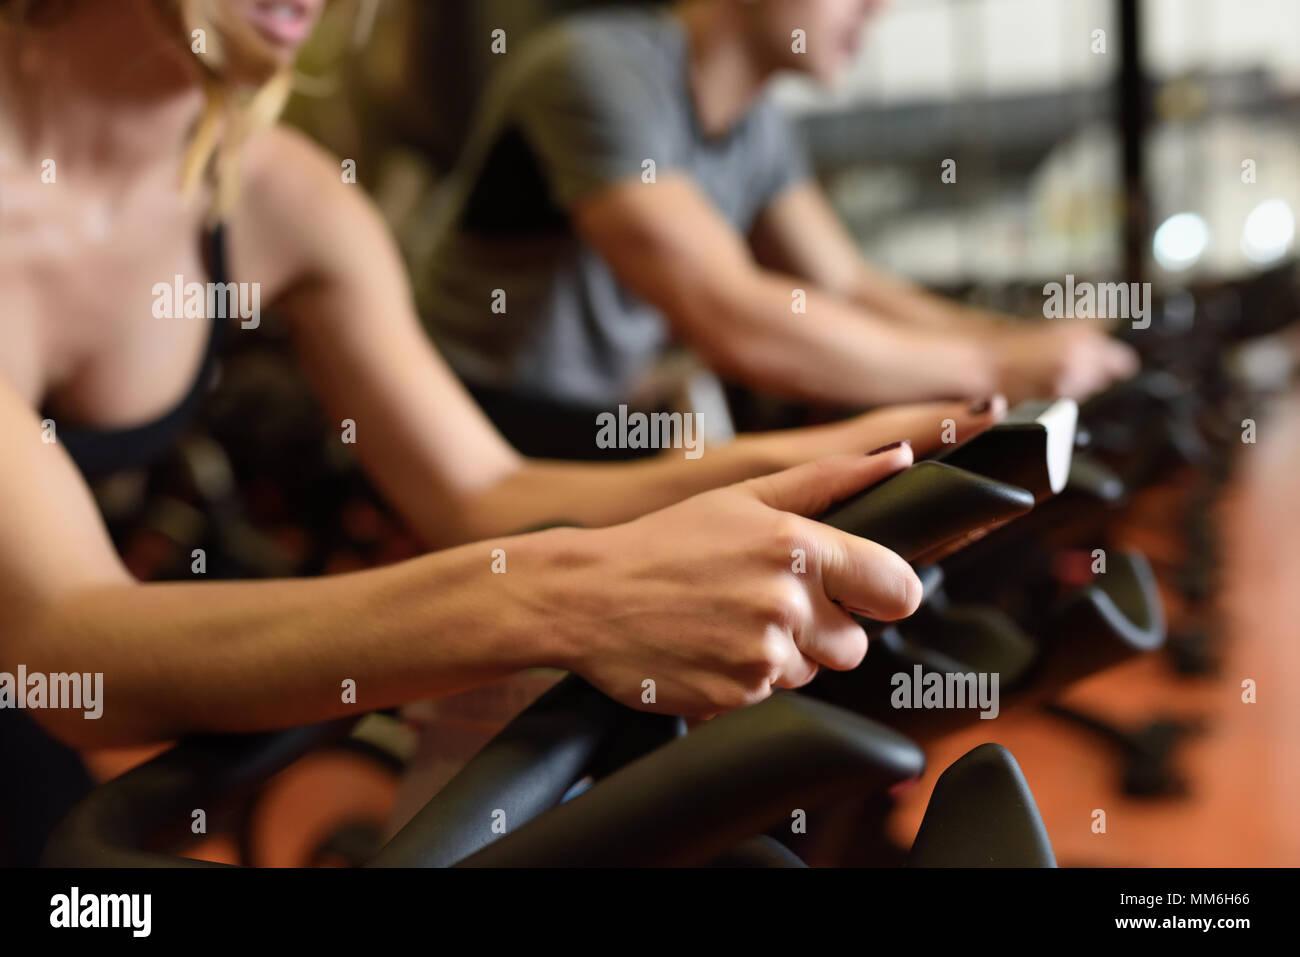 Dos personas en bicicleta en el gimnasio, ejercitando las piernas haciendo ejercicios de cardio bicicletas de ciclismo. Pareja en una clase de spinning vistiendo ropa deportiva. Imagen De Stock